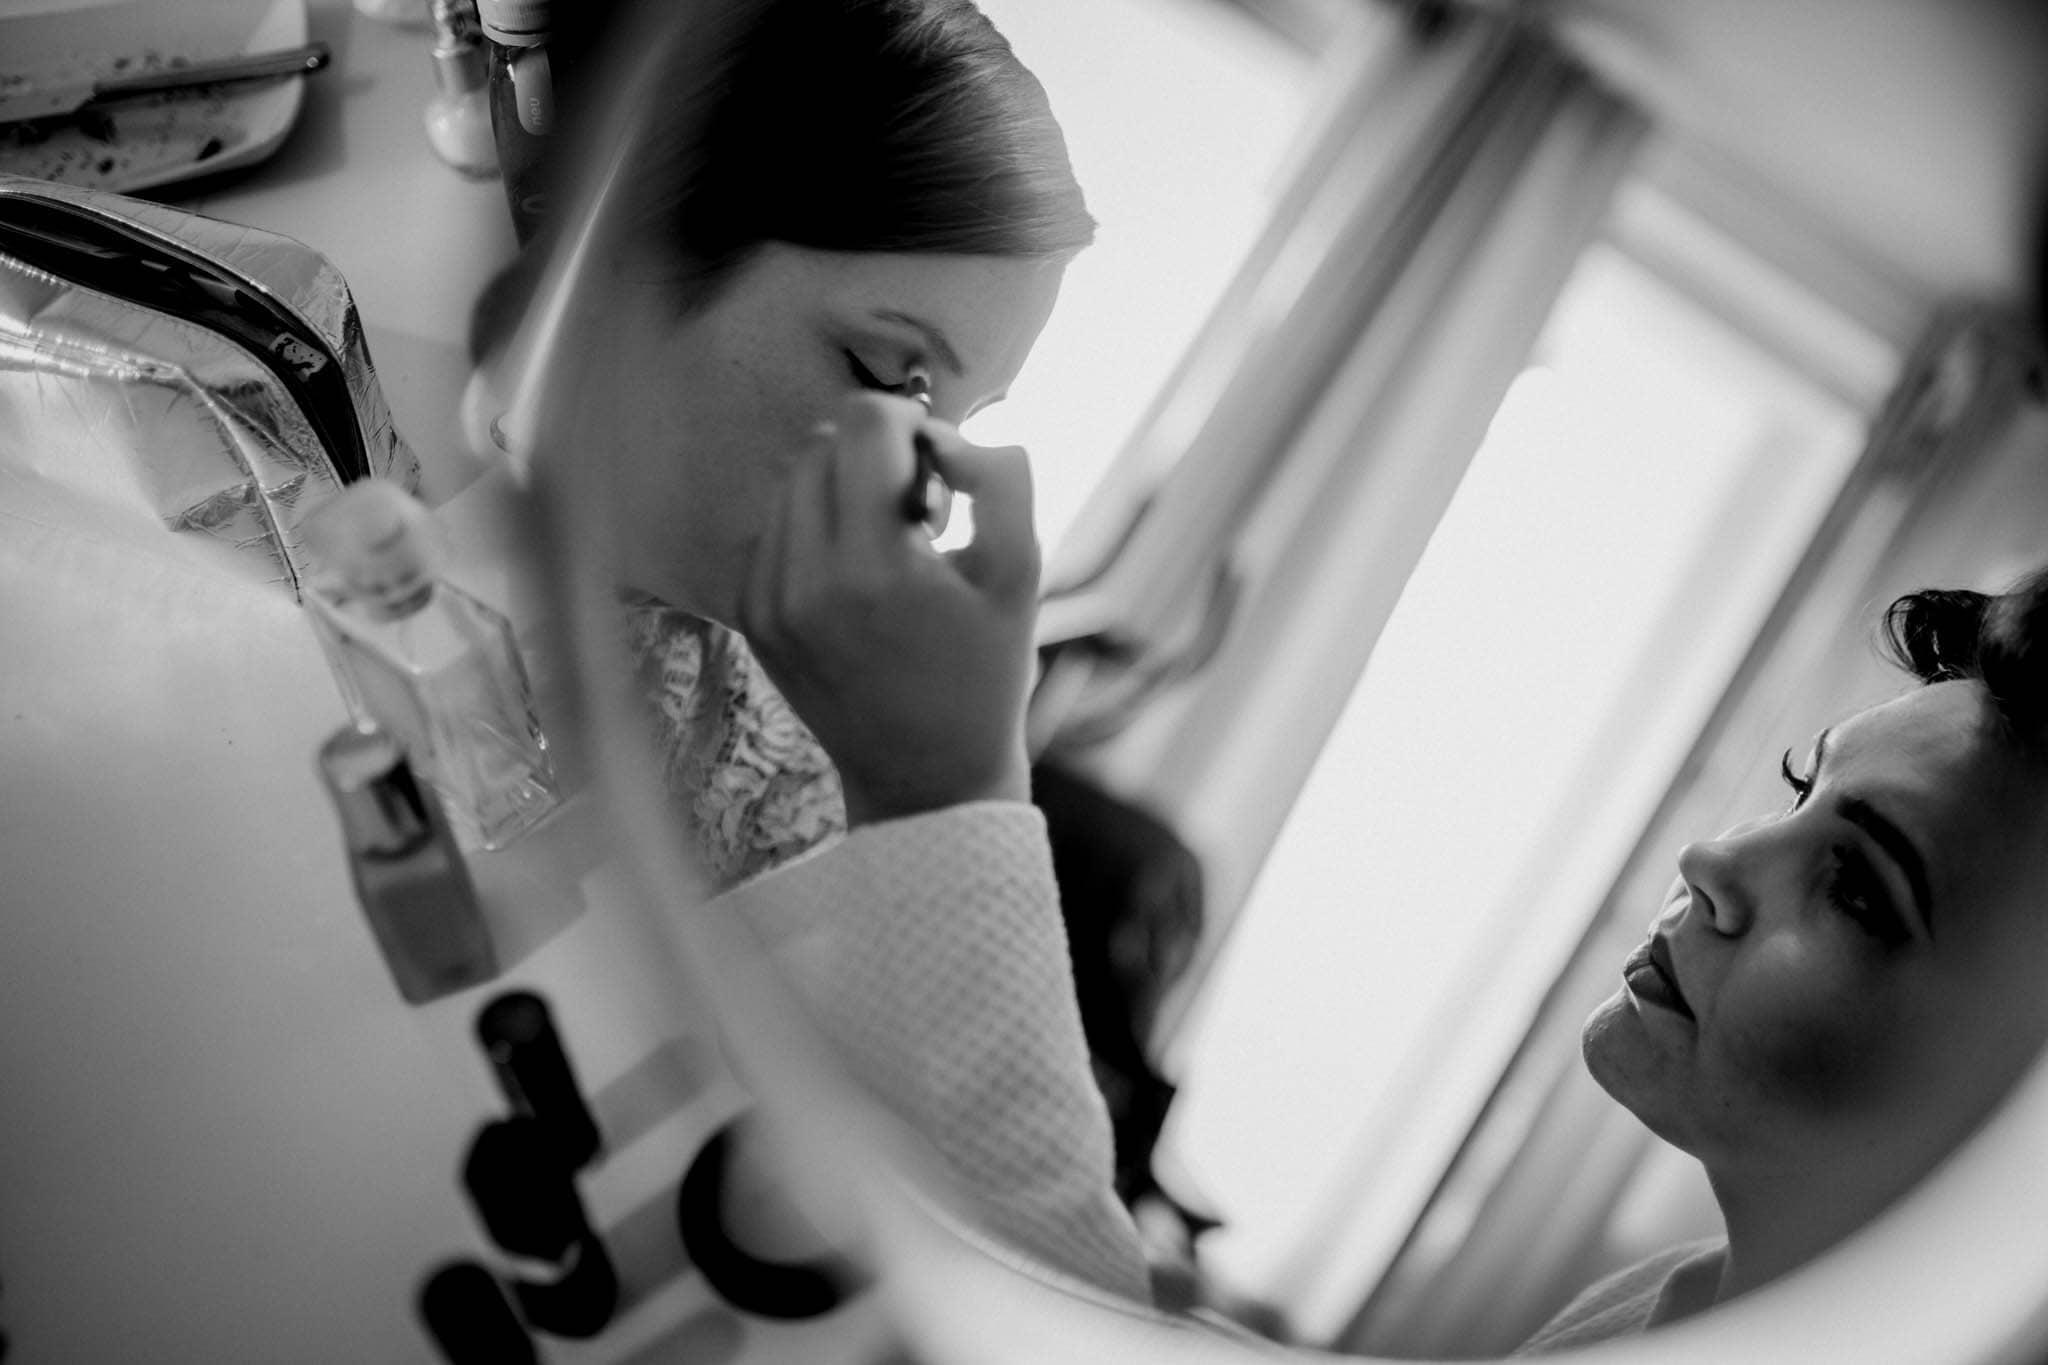 Hochzeitsfieber by Photo-Schomburg, Hochzeitsfotograf, Hamburg, Altona, wedding, Standesamt Altona, Appen, Hochzeitsshooting, Hochzeitstag, Brautpaar-14